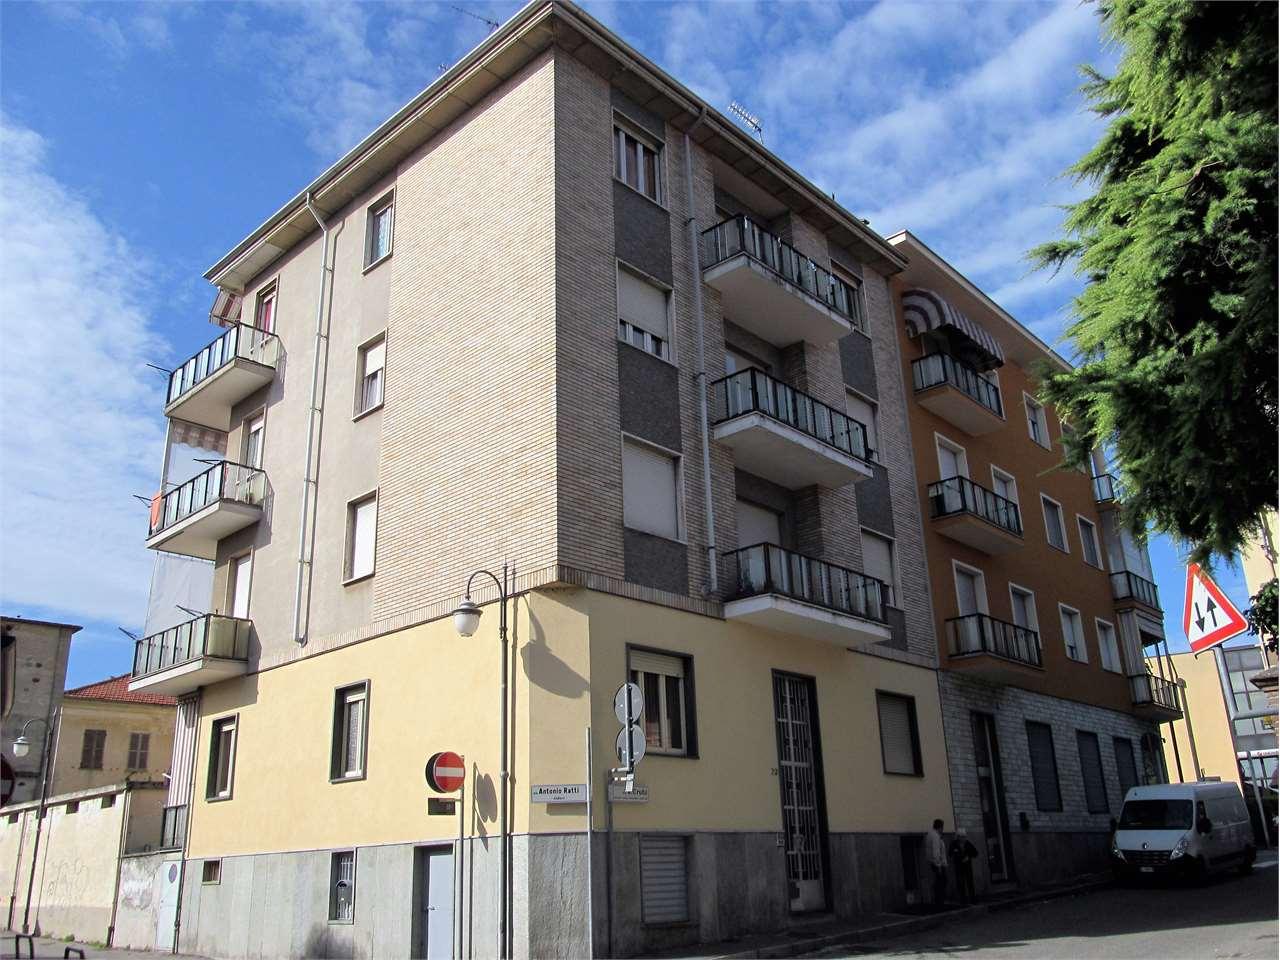 Ufficio Casa Alpignano : Uffici in vendita a alpignano casaspeciale